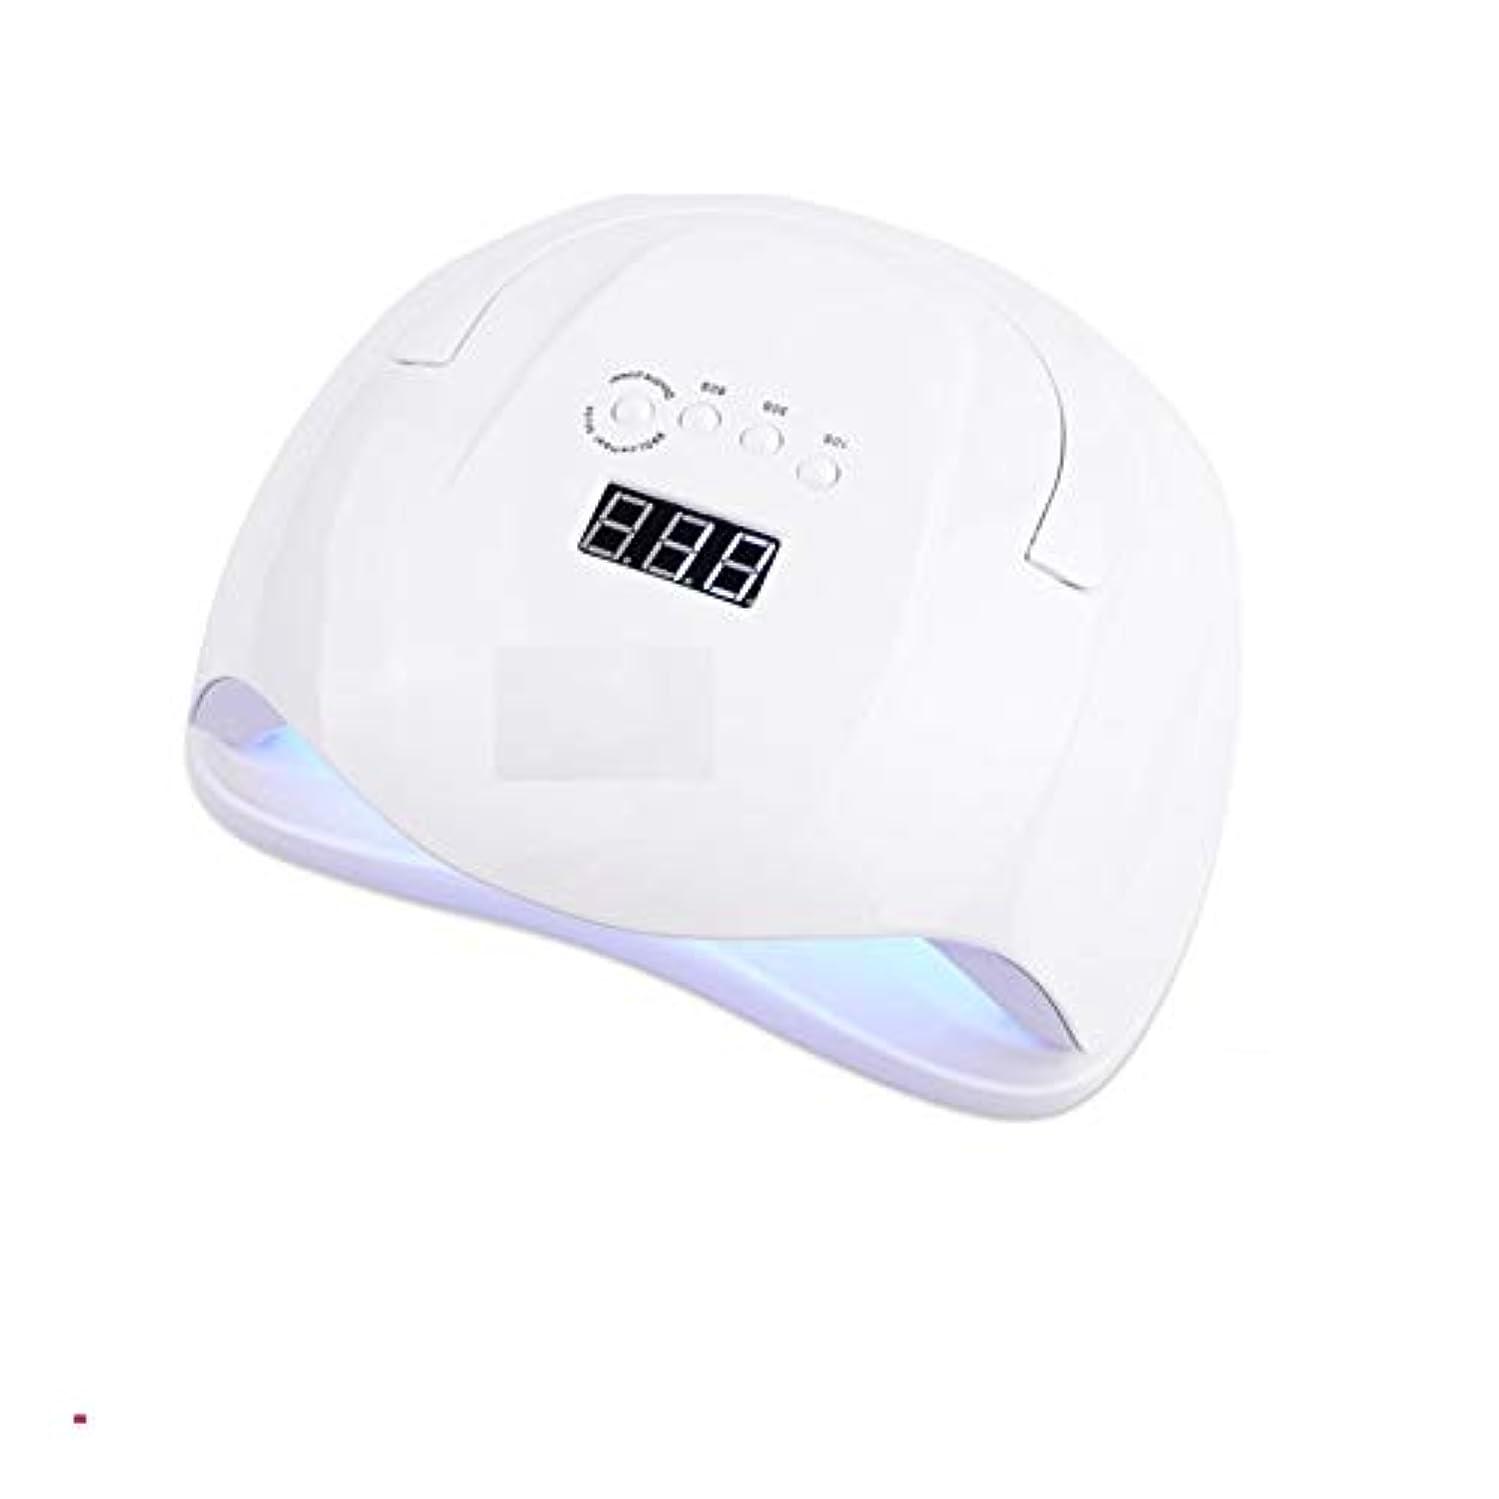 通知する場合気づくLittleCat 54WランプLEDセンサーライト光線療法ネイルマシンを乾燥させるためにポーランドのツールグルーネイル (色 : European standard circular plug)